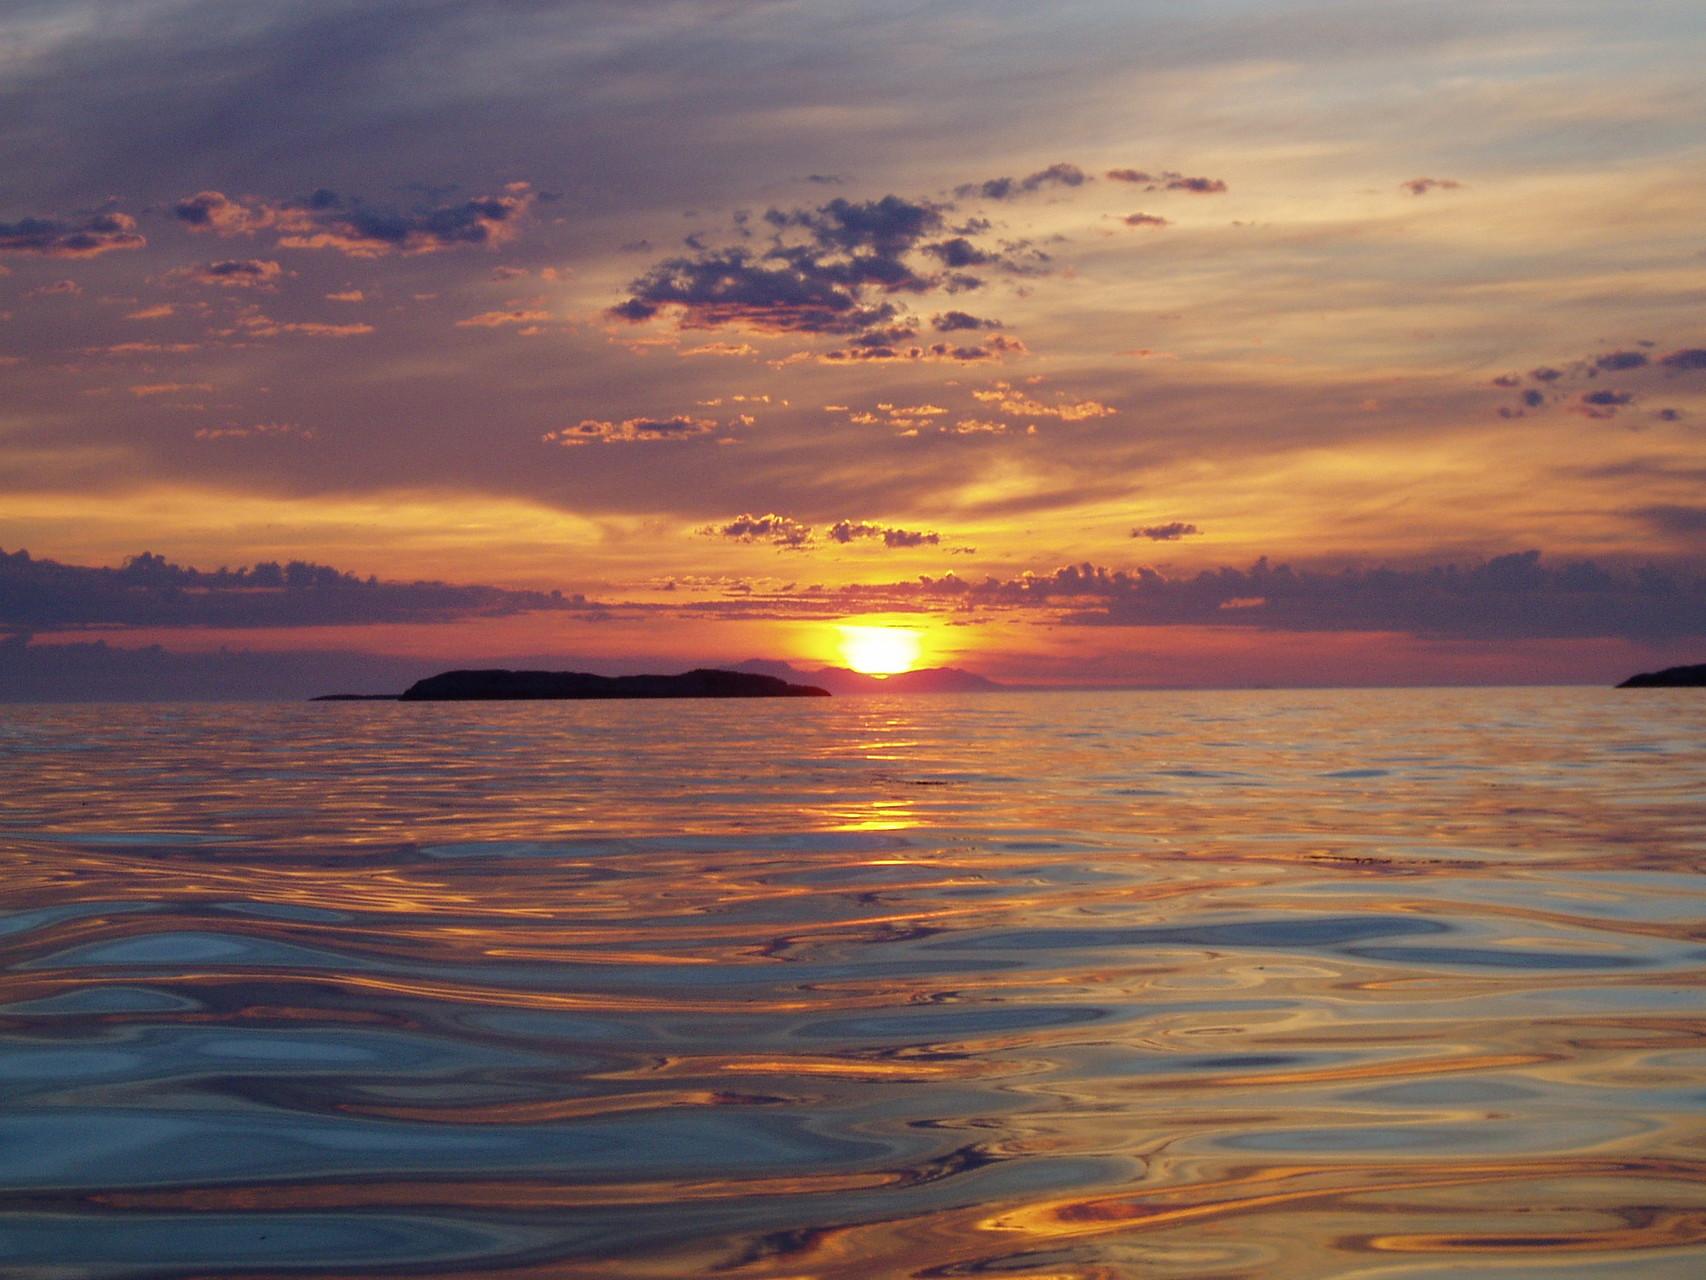 zur Sommersonnenwende auf dem Meer